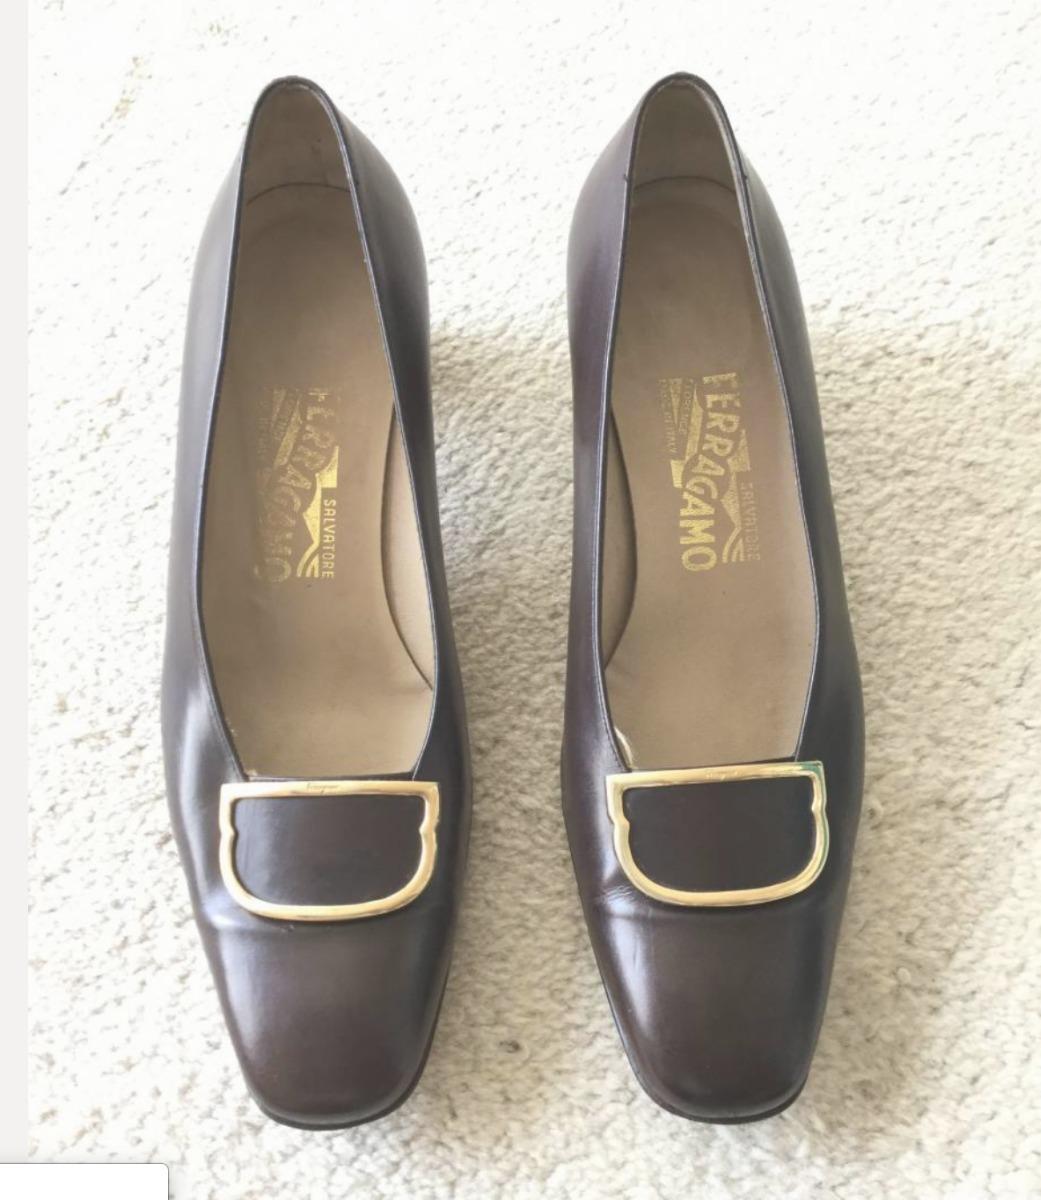 ee24020935a45 Carregando zoom... sapato feminino salvatore ferragamo ...